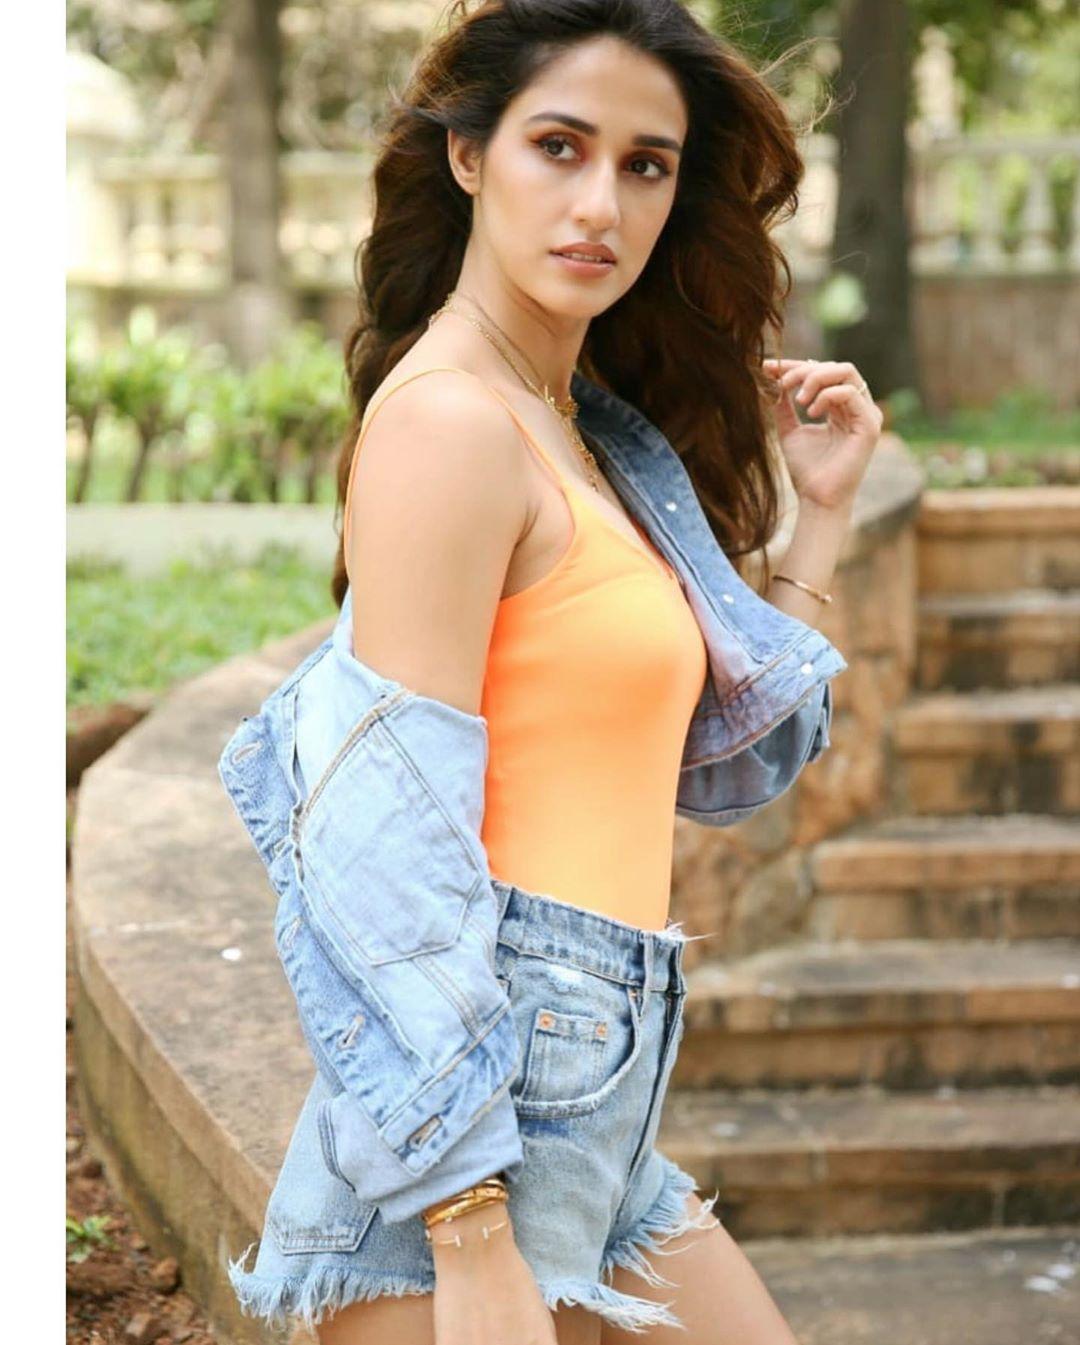 Hot Bollywood actress Disha Patani